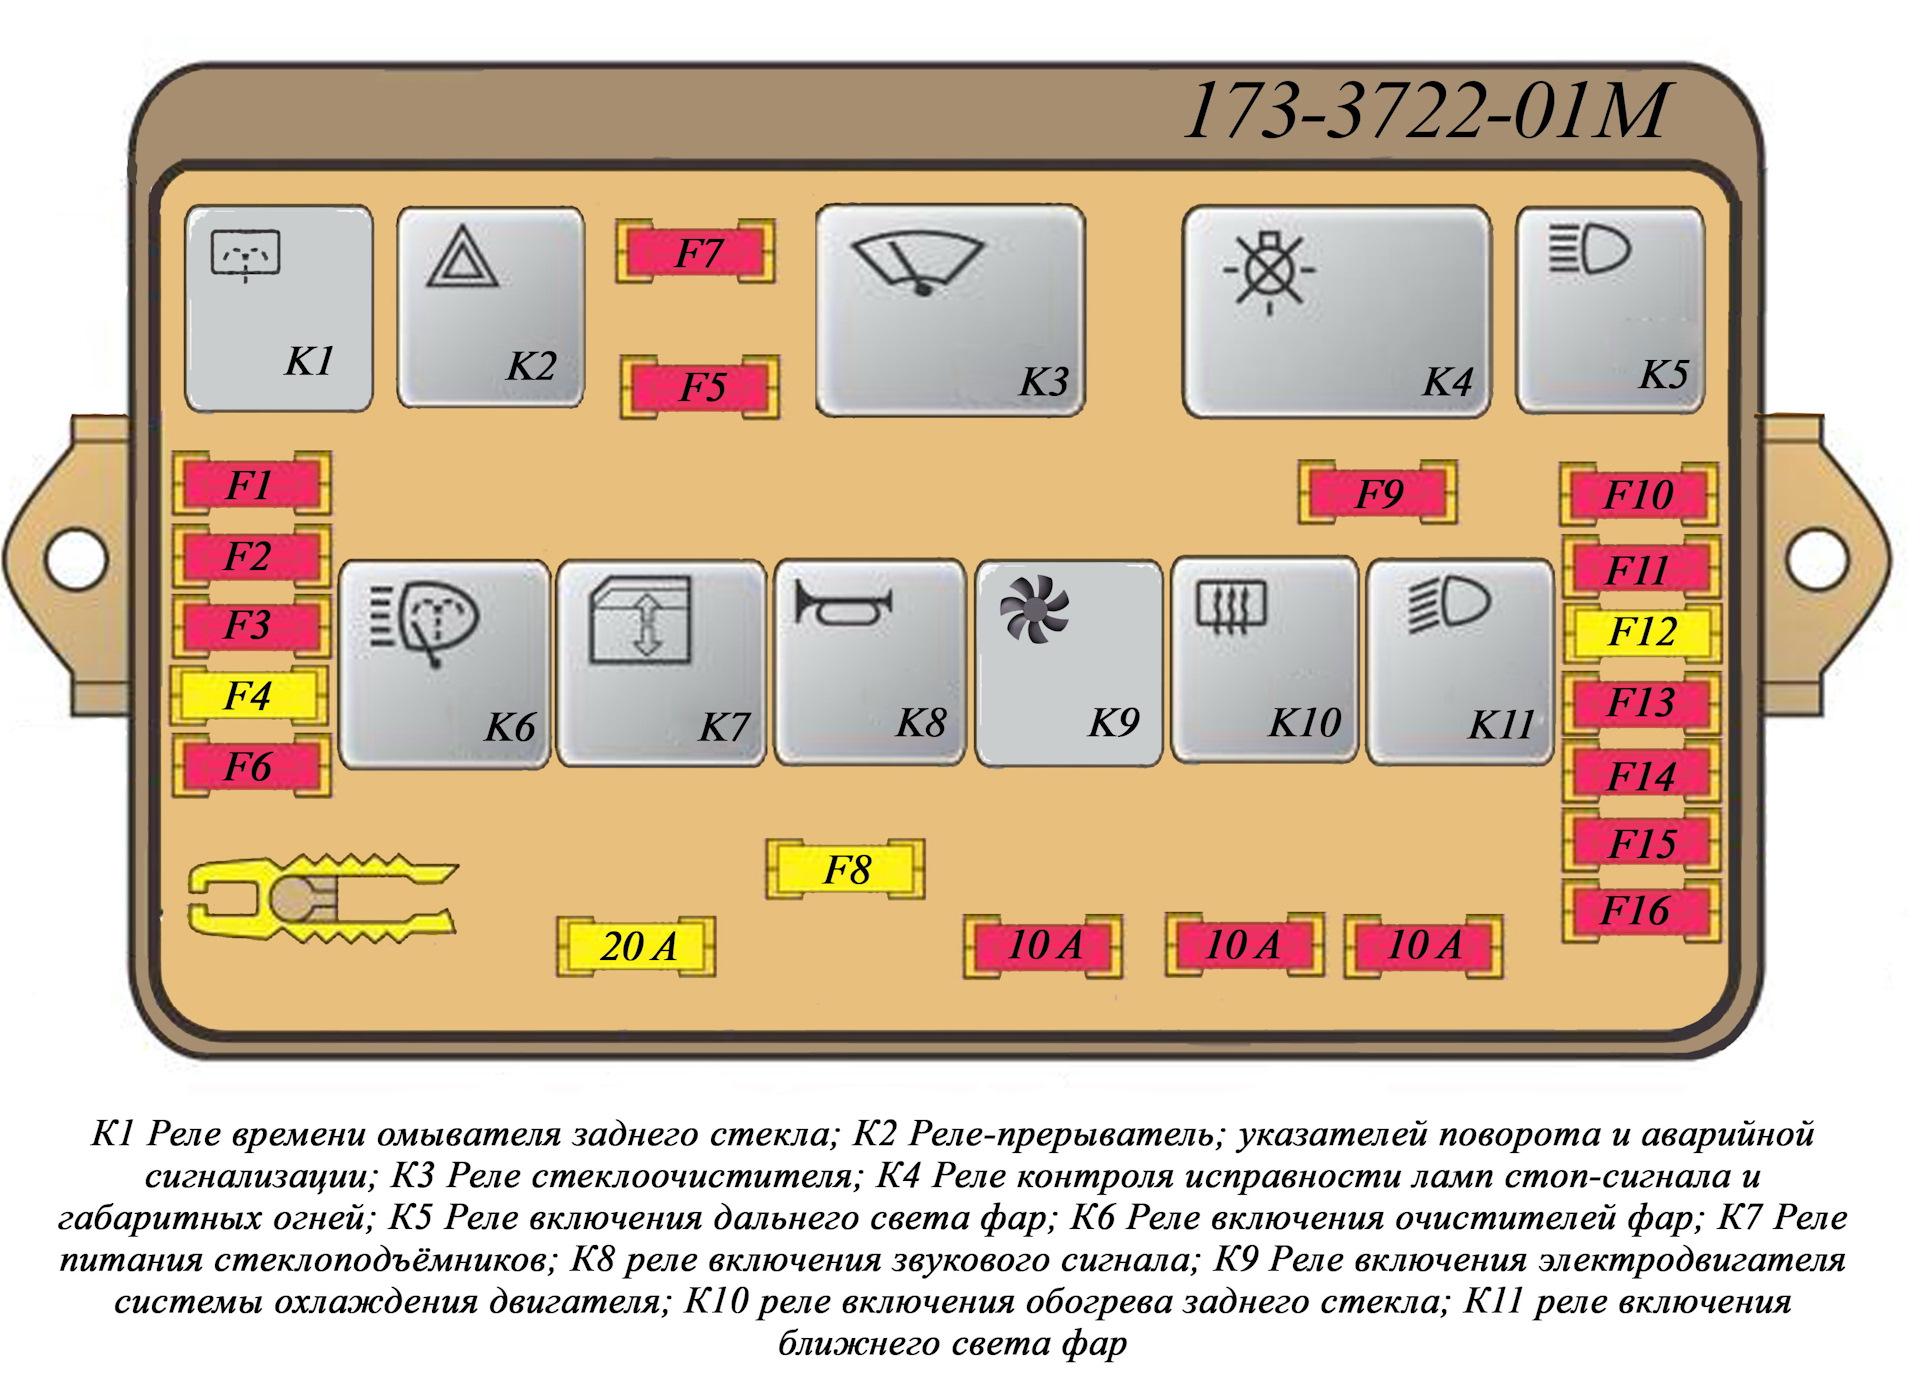 Блок предохранителей ваз 2109 карбюратор схема старого образца фото